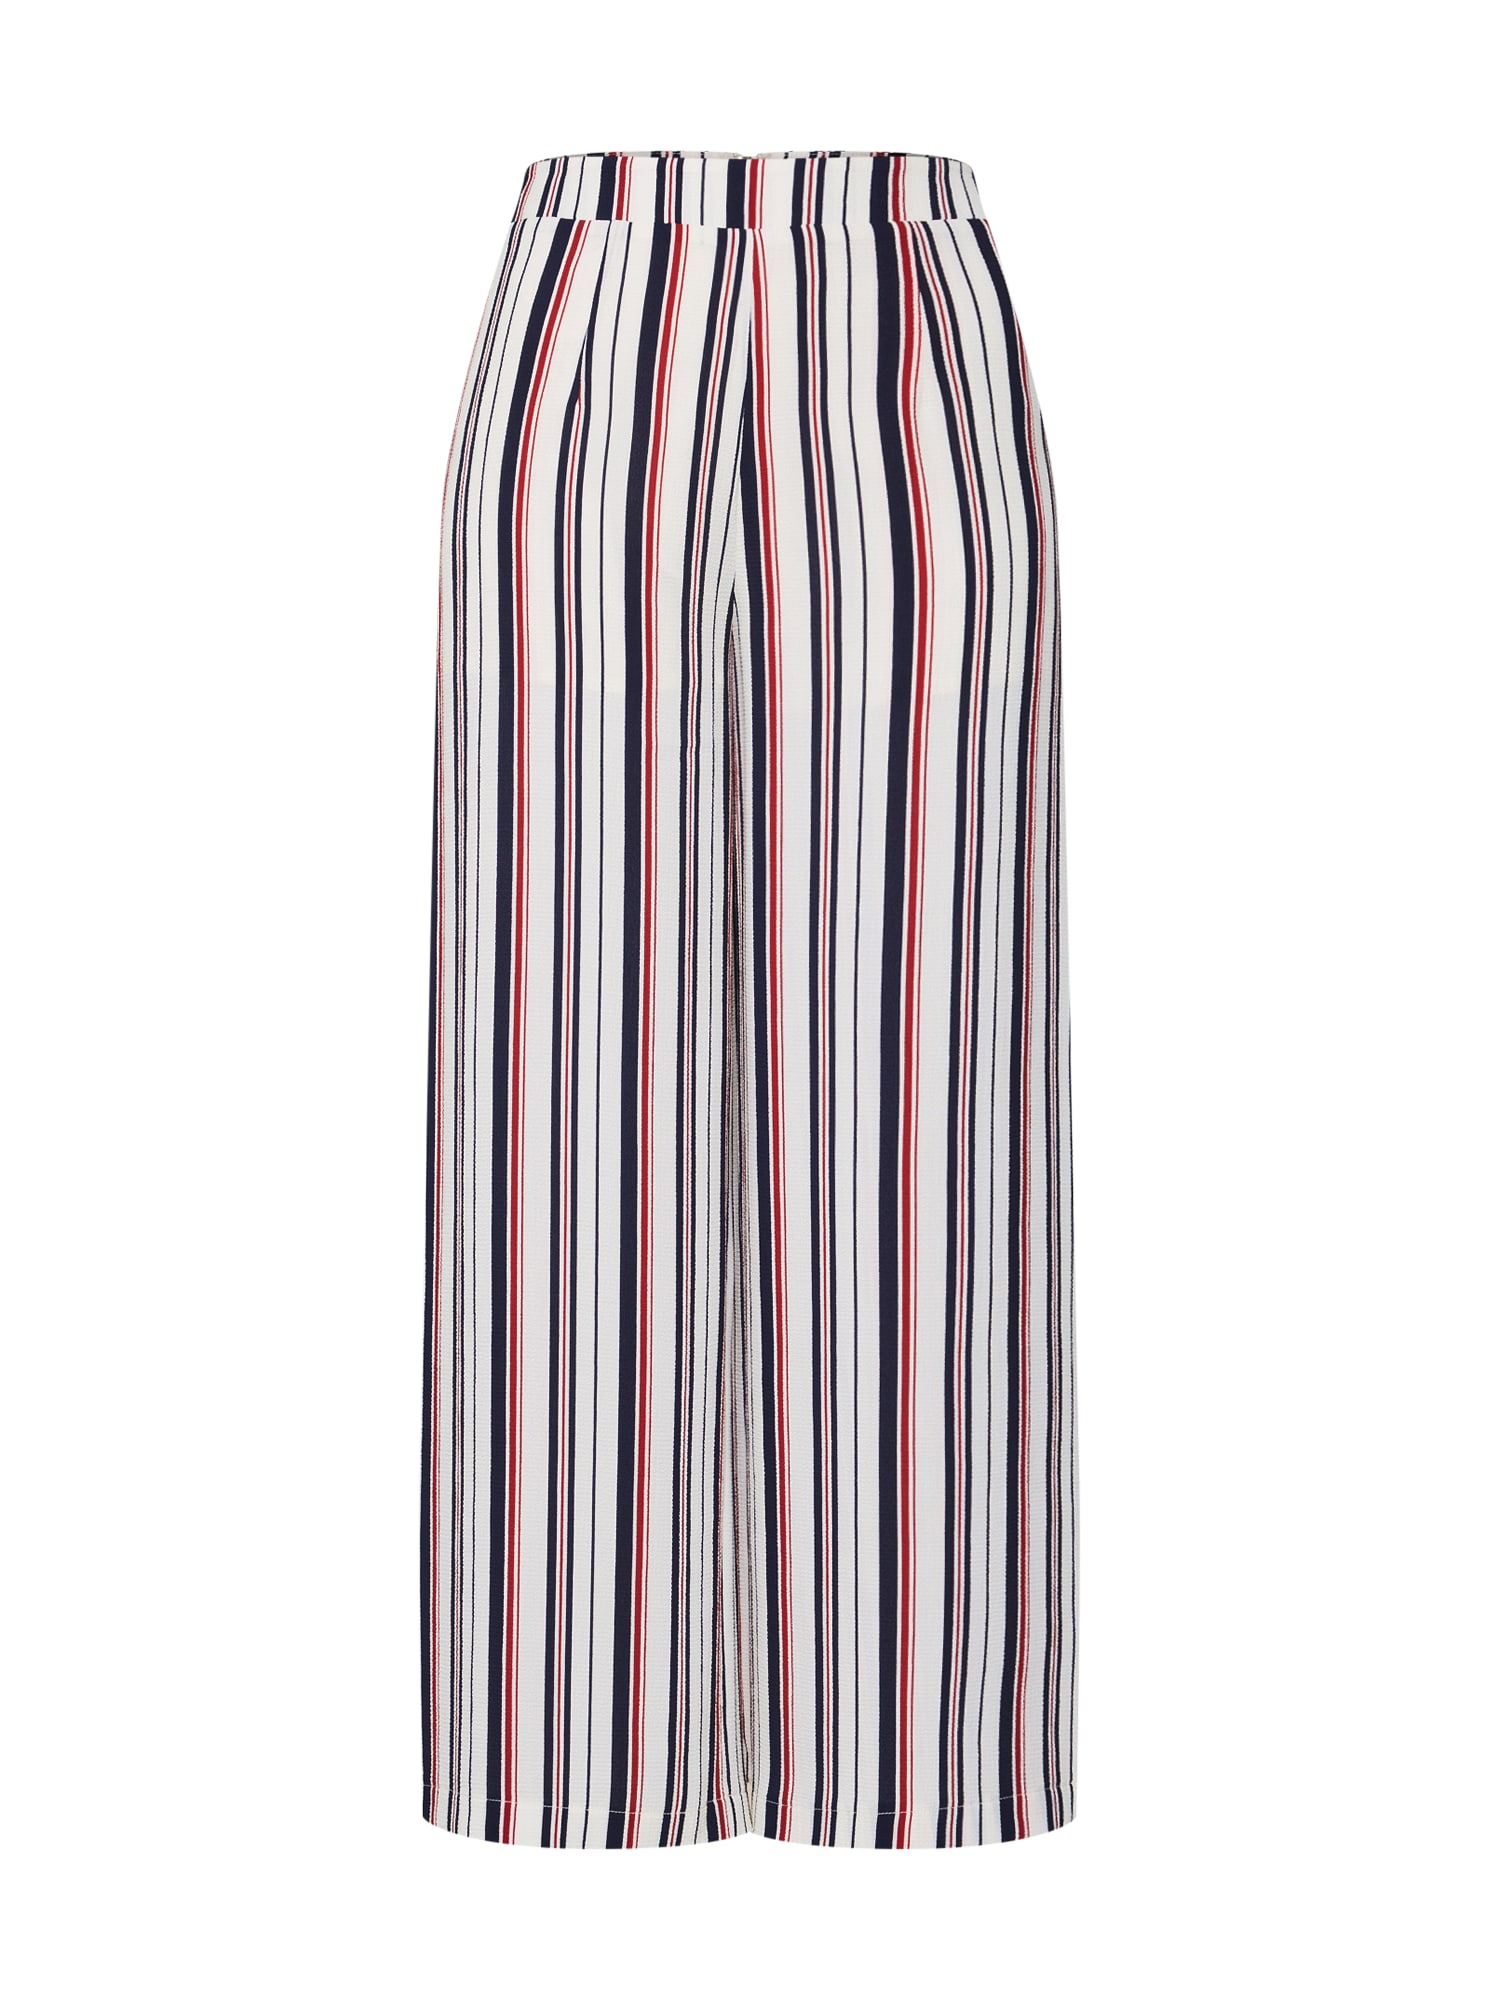 Kalhoty Side Line Pants mix barev bílá Parallel Lines